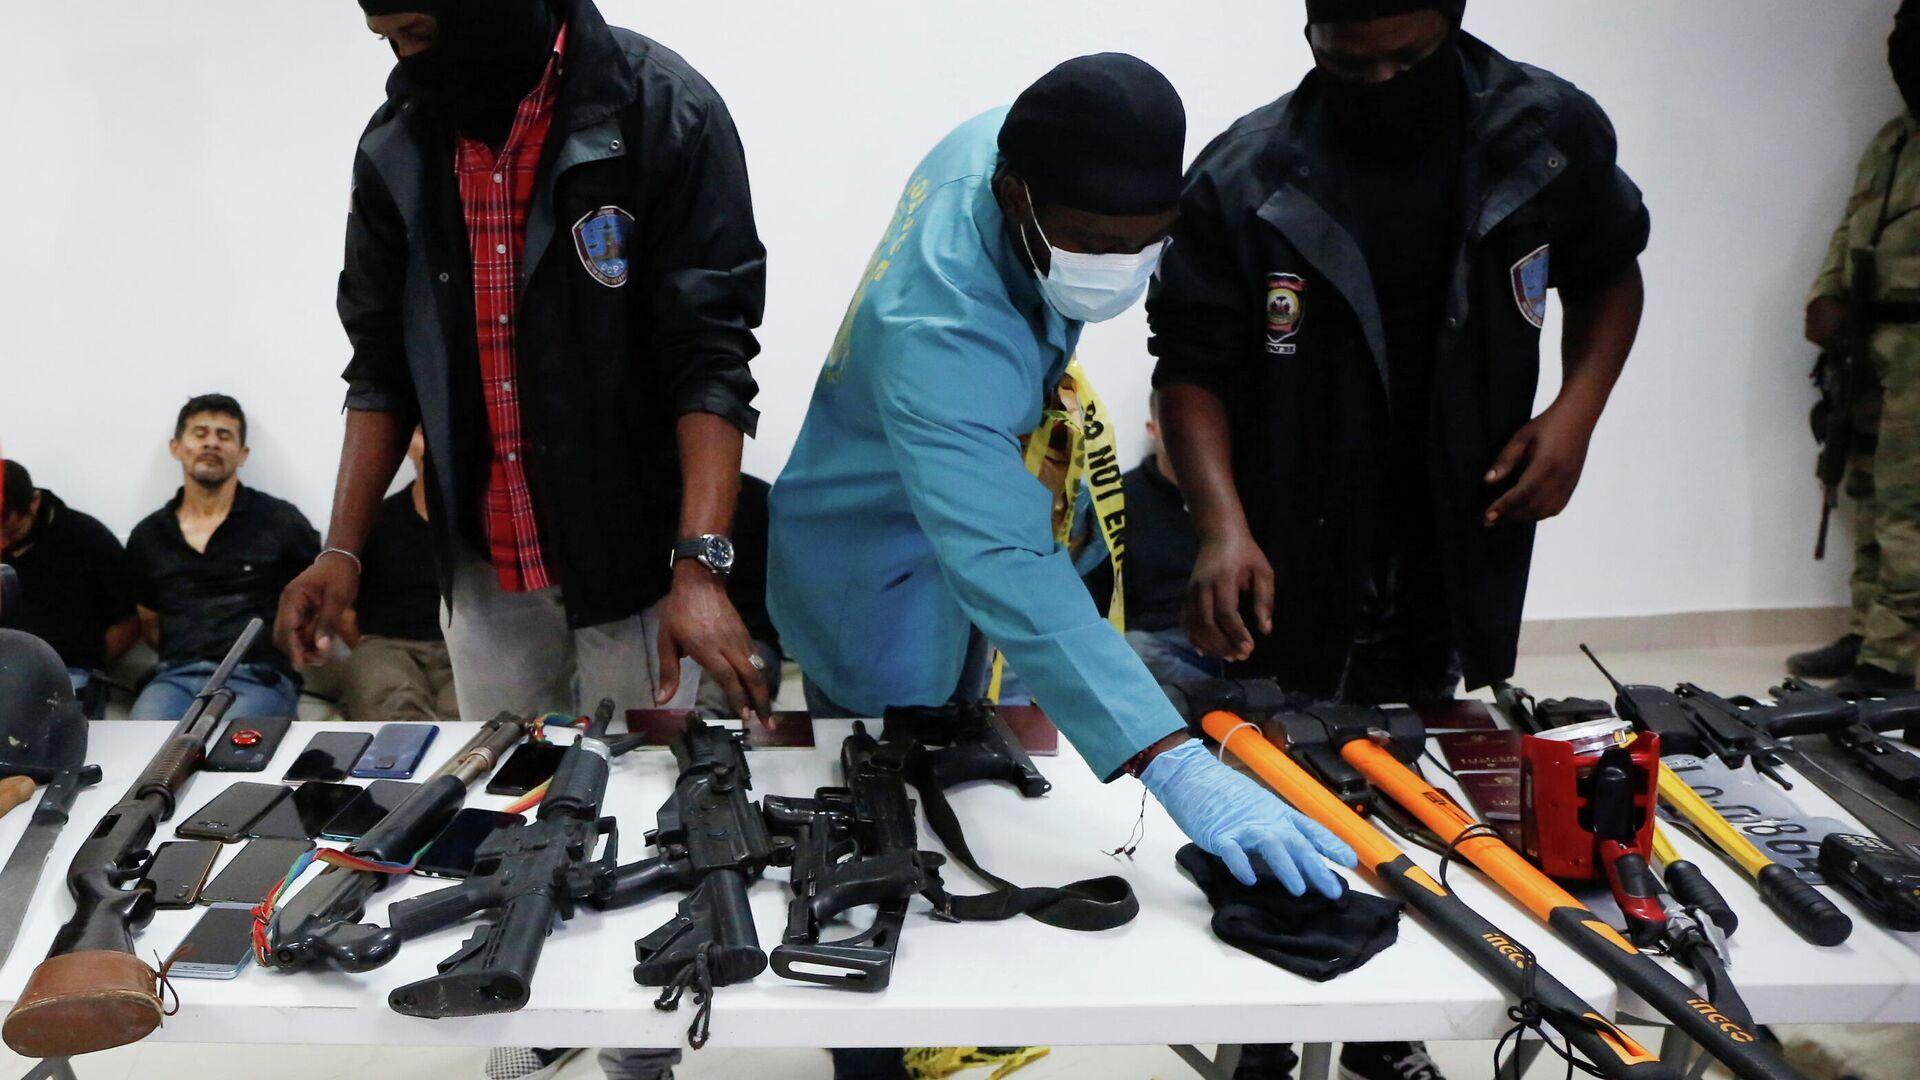 Armas incautadas a los detenidos cómplices del asesinato del presidente haitiano, Jovenel Moise - Sputnik Mundo, 1920, 09.07.2021